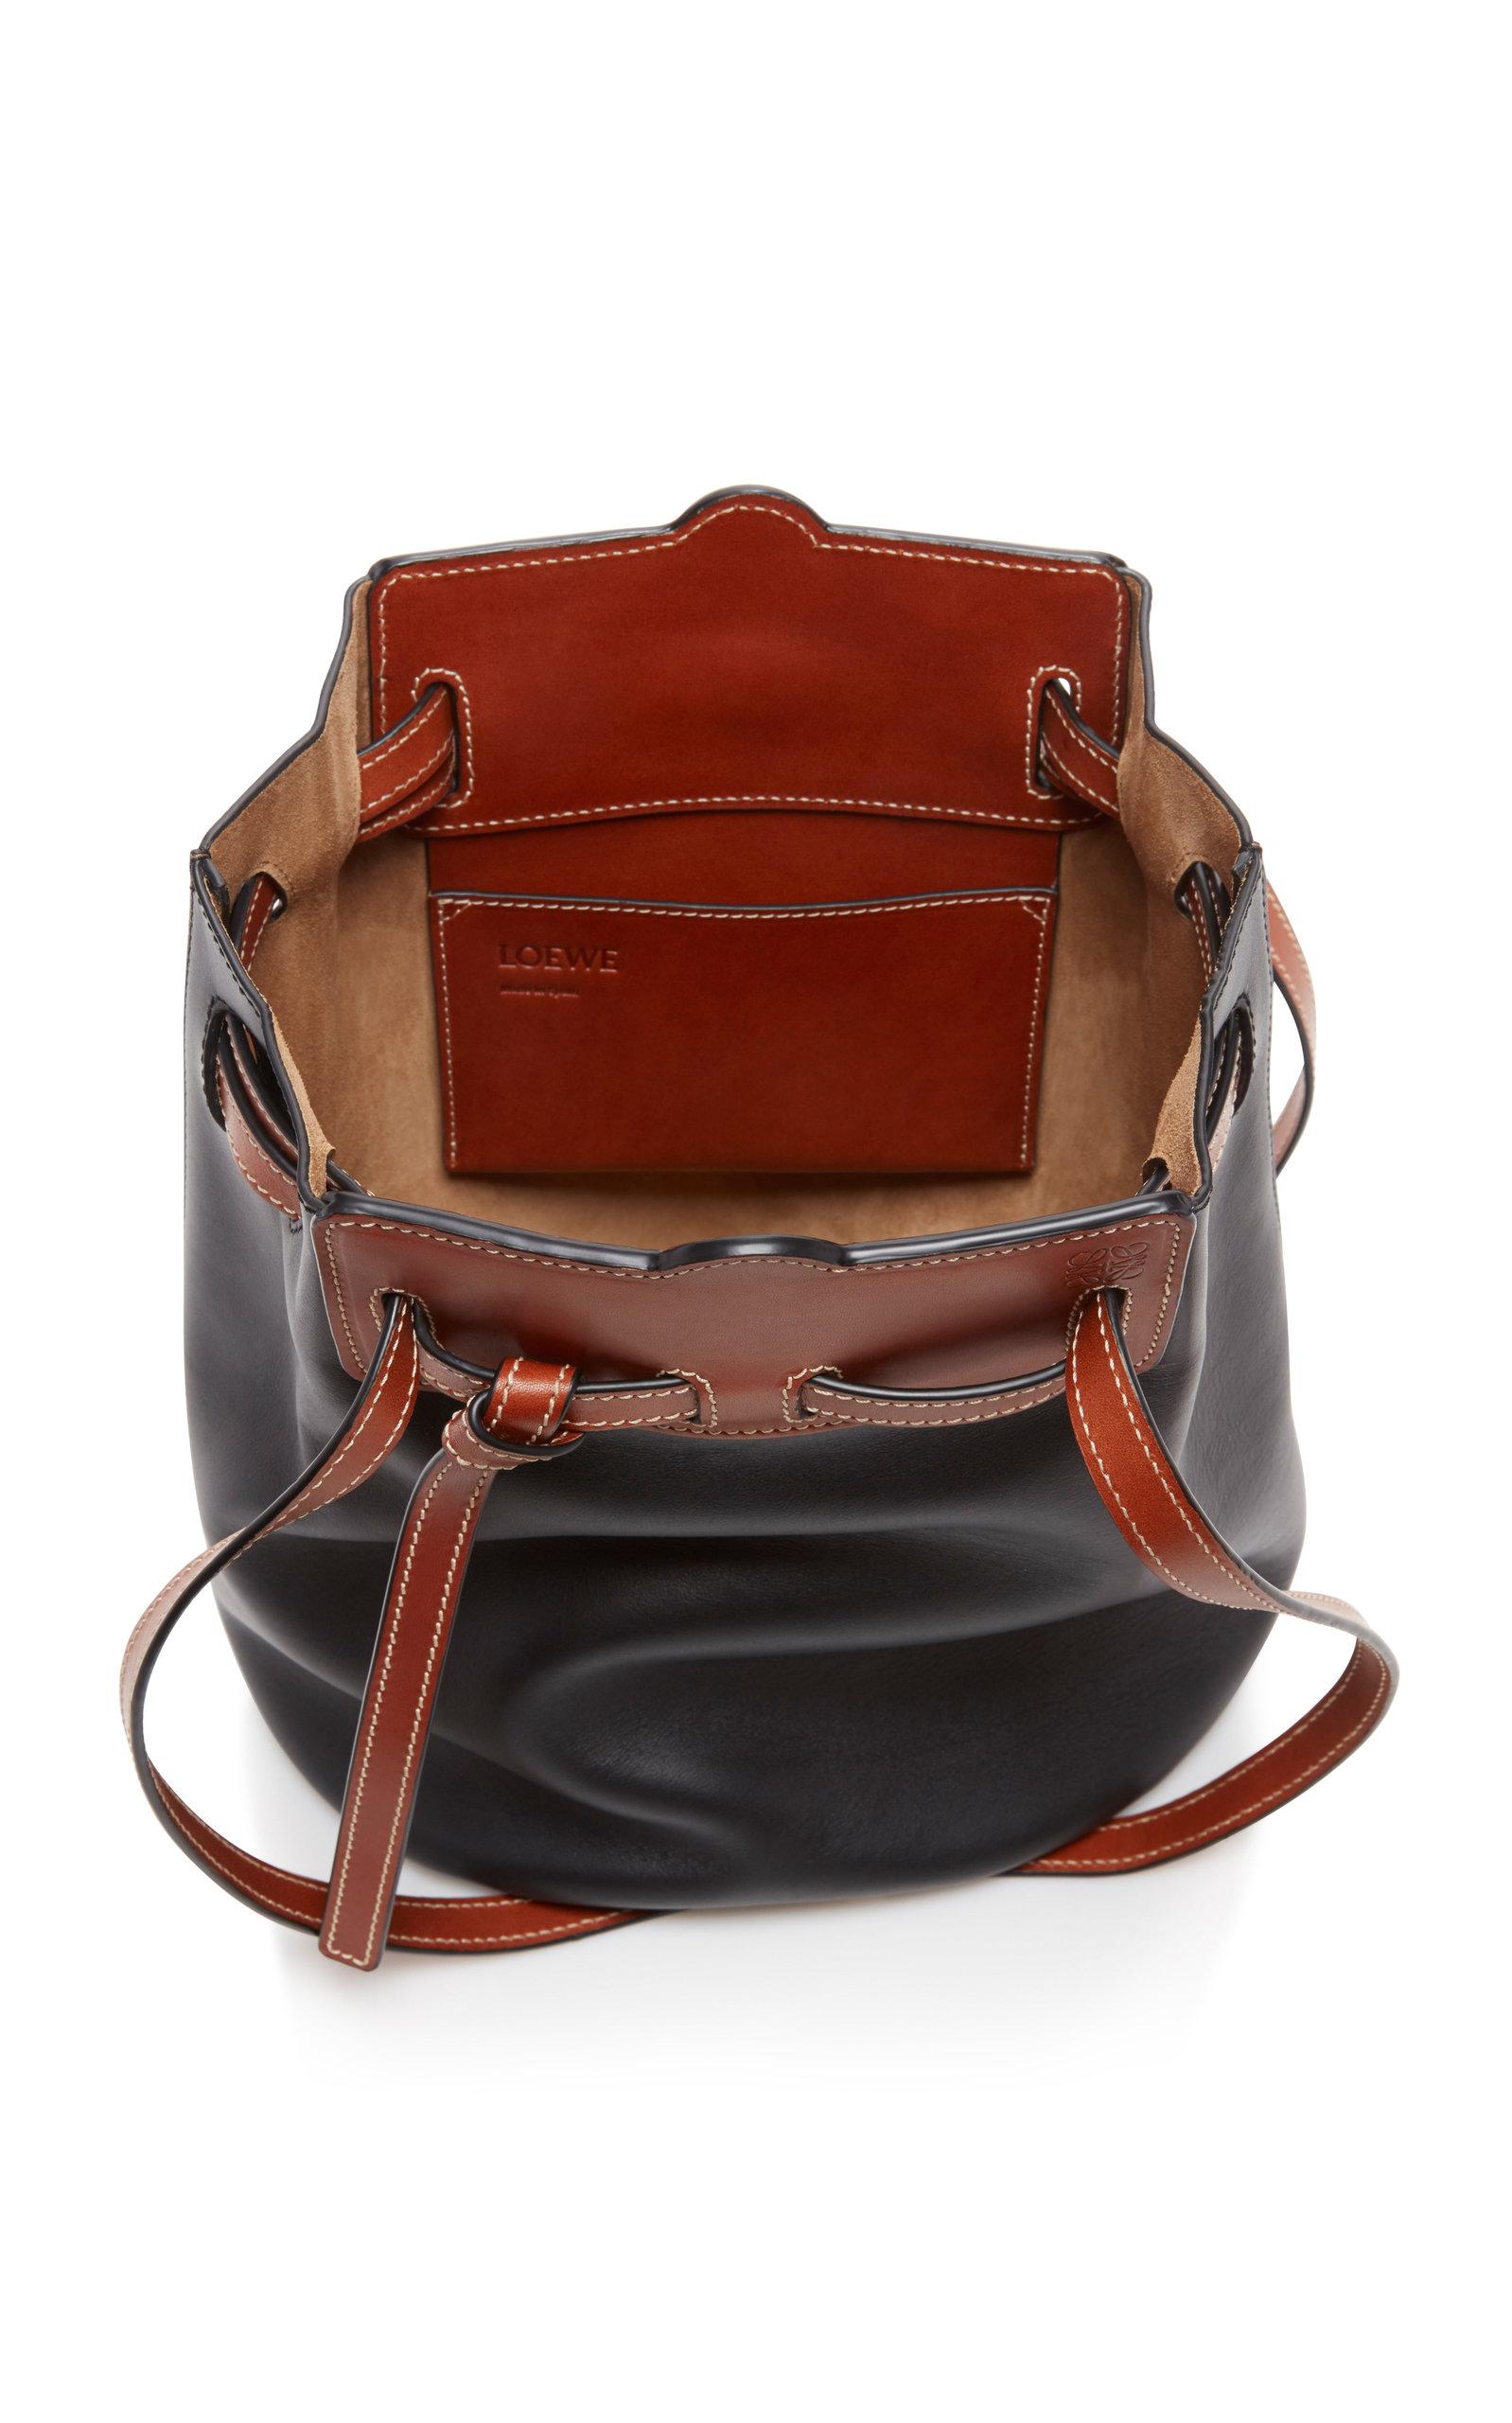 Ruk Two Tone Leather Bucket Bag